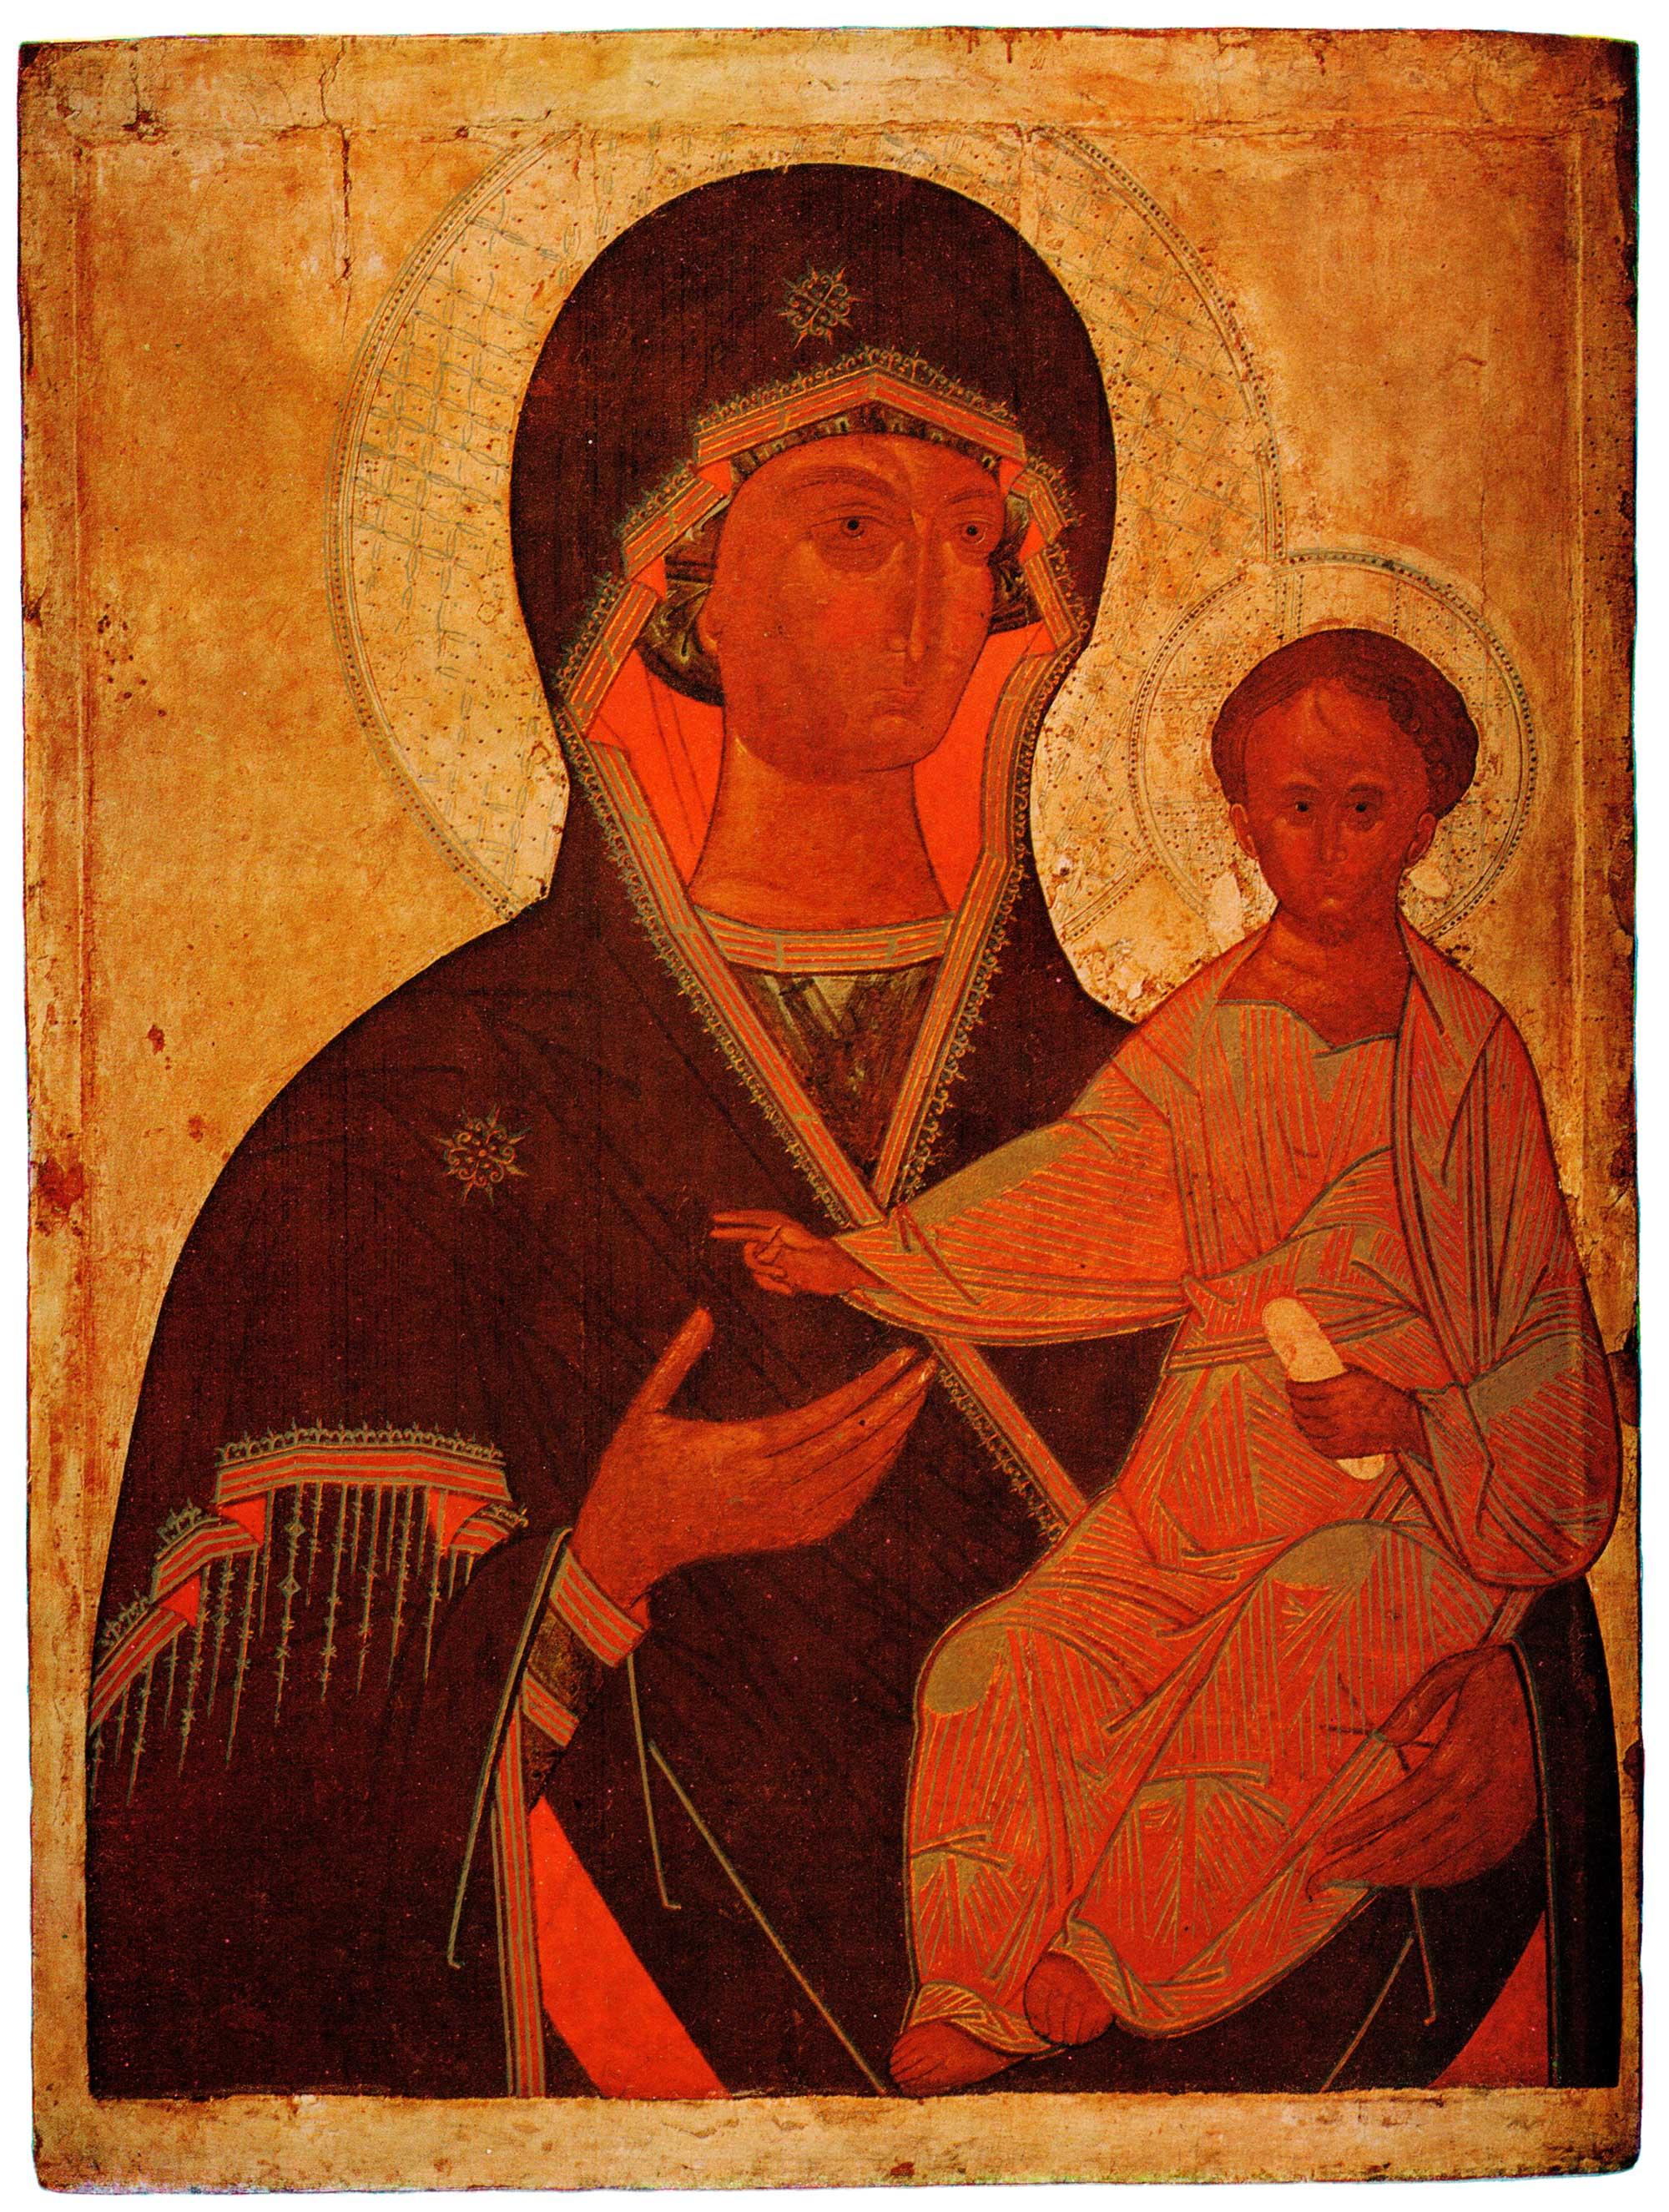 Богоматерь Одигитрия — Смоленская